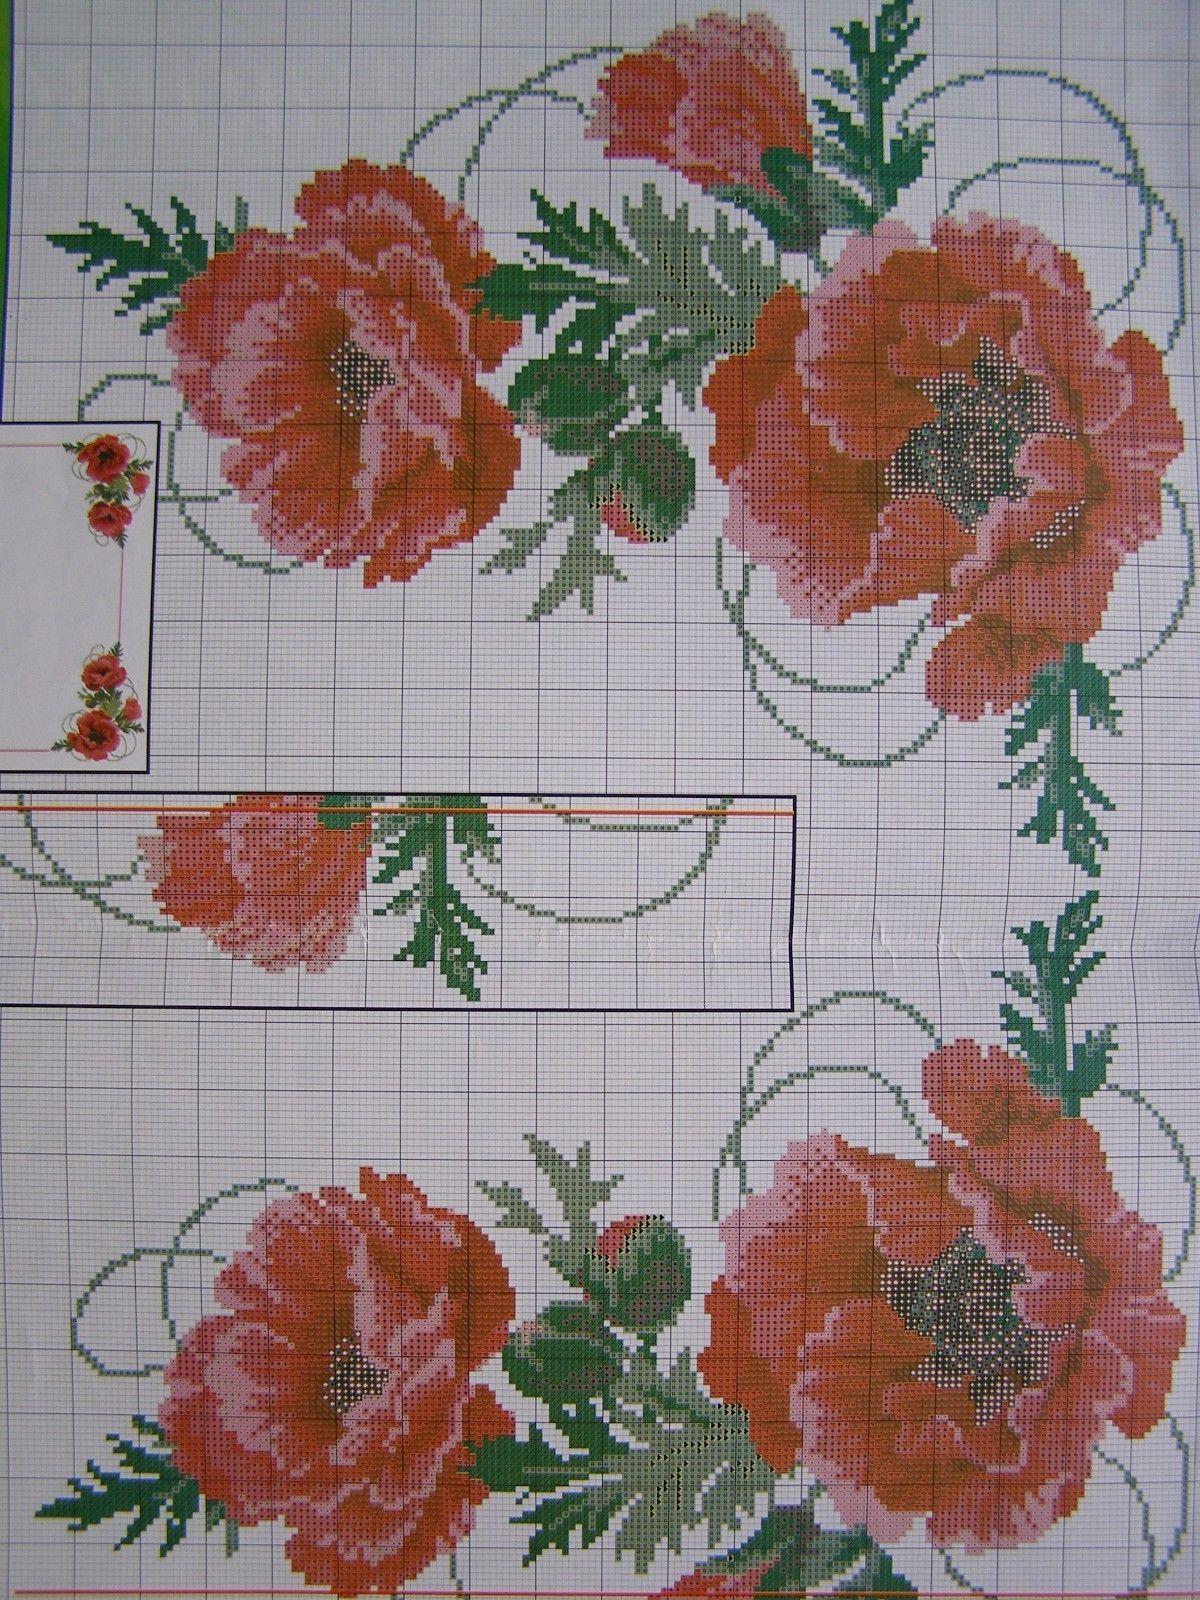 R$ 10,79 Used in Artesanato, Fios e materiais para costura, bordados, tricô e crochê, Ponto-cruz e hardanger